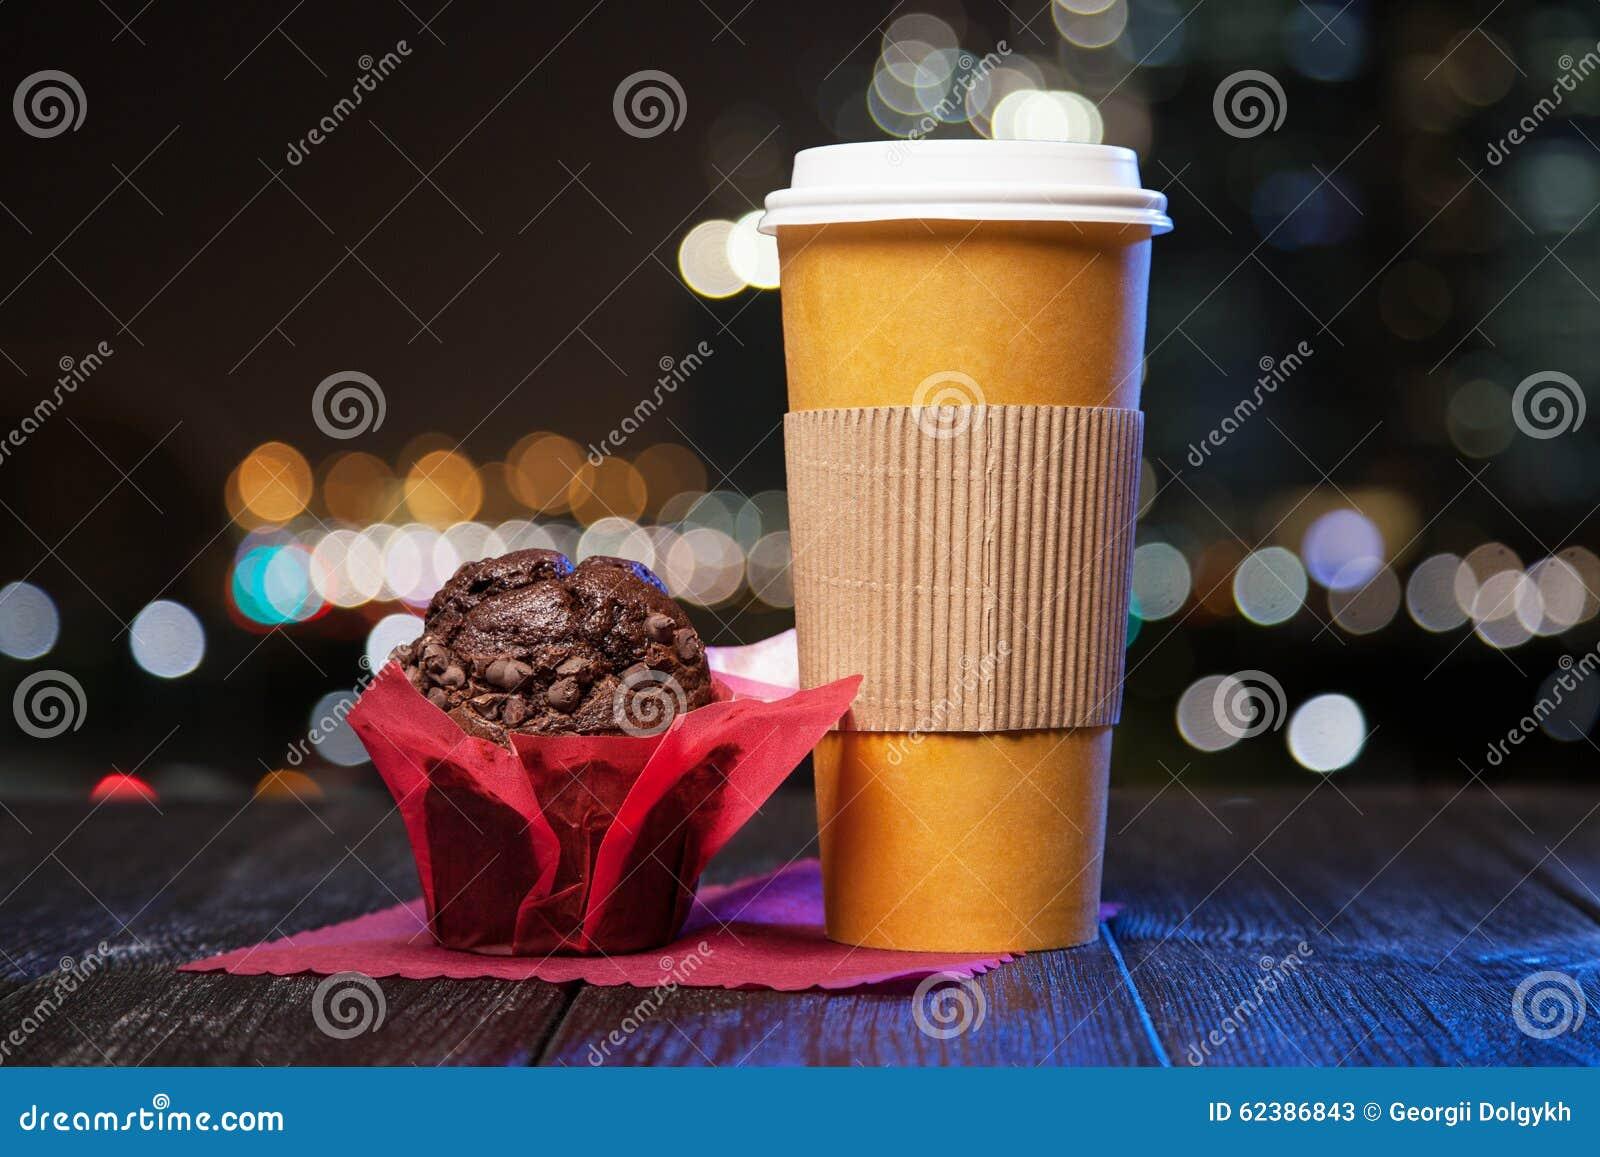 Caffè in una tazza di carta